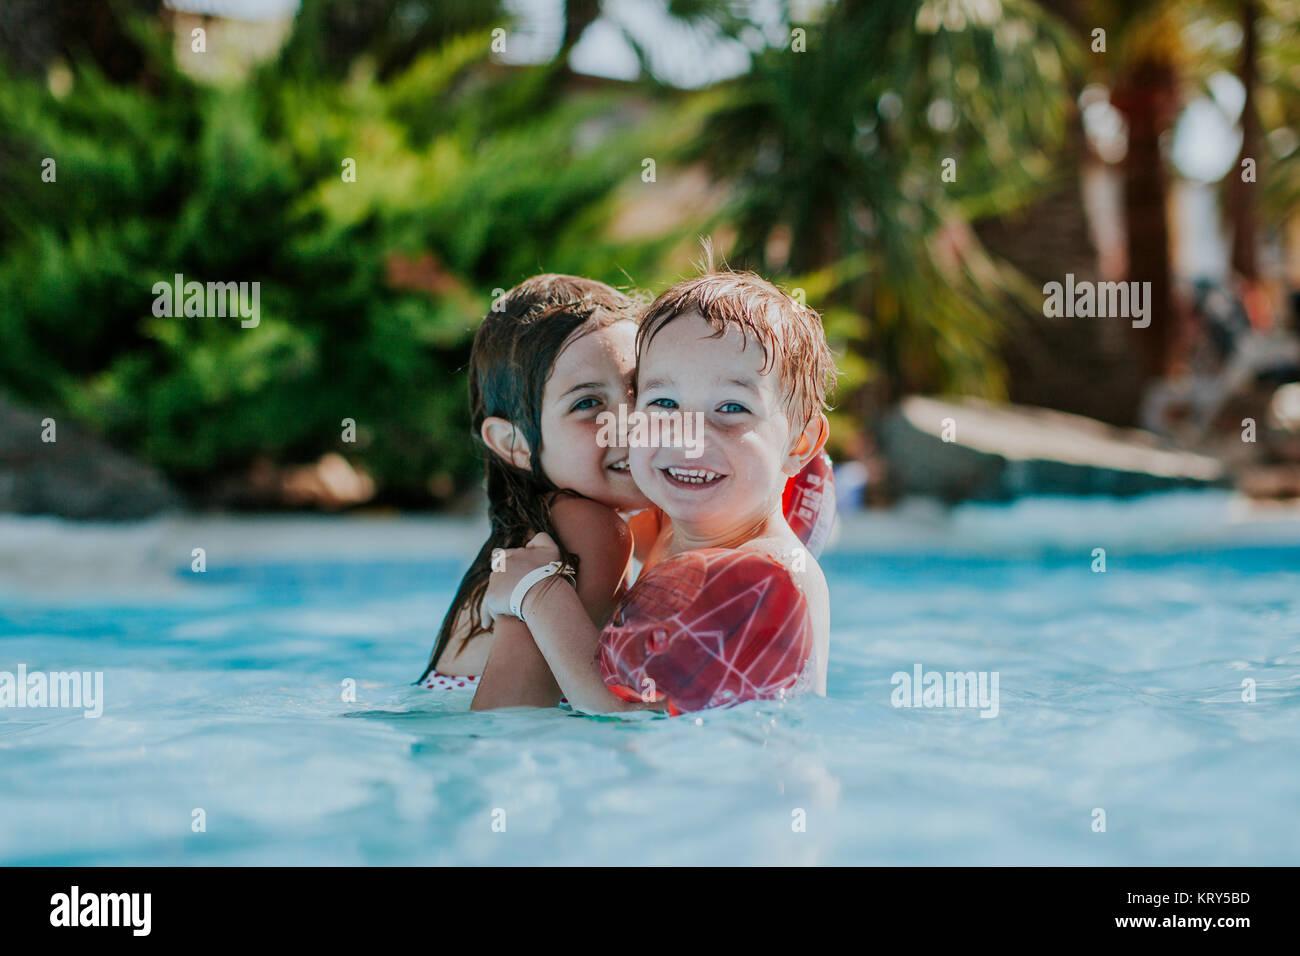 Zwei junge Kinder schwimmen in der Schwimmhalle Stockfoto